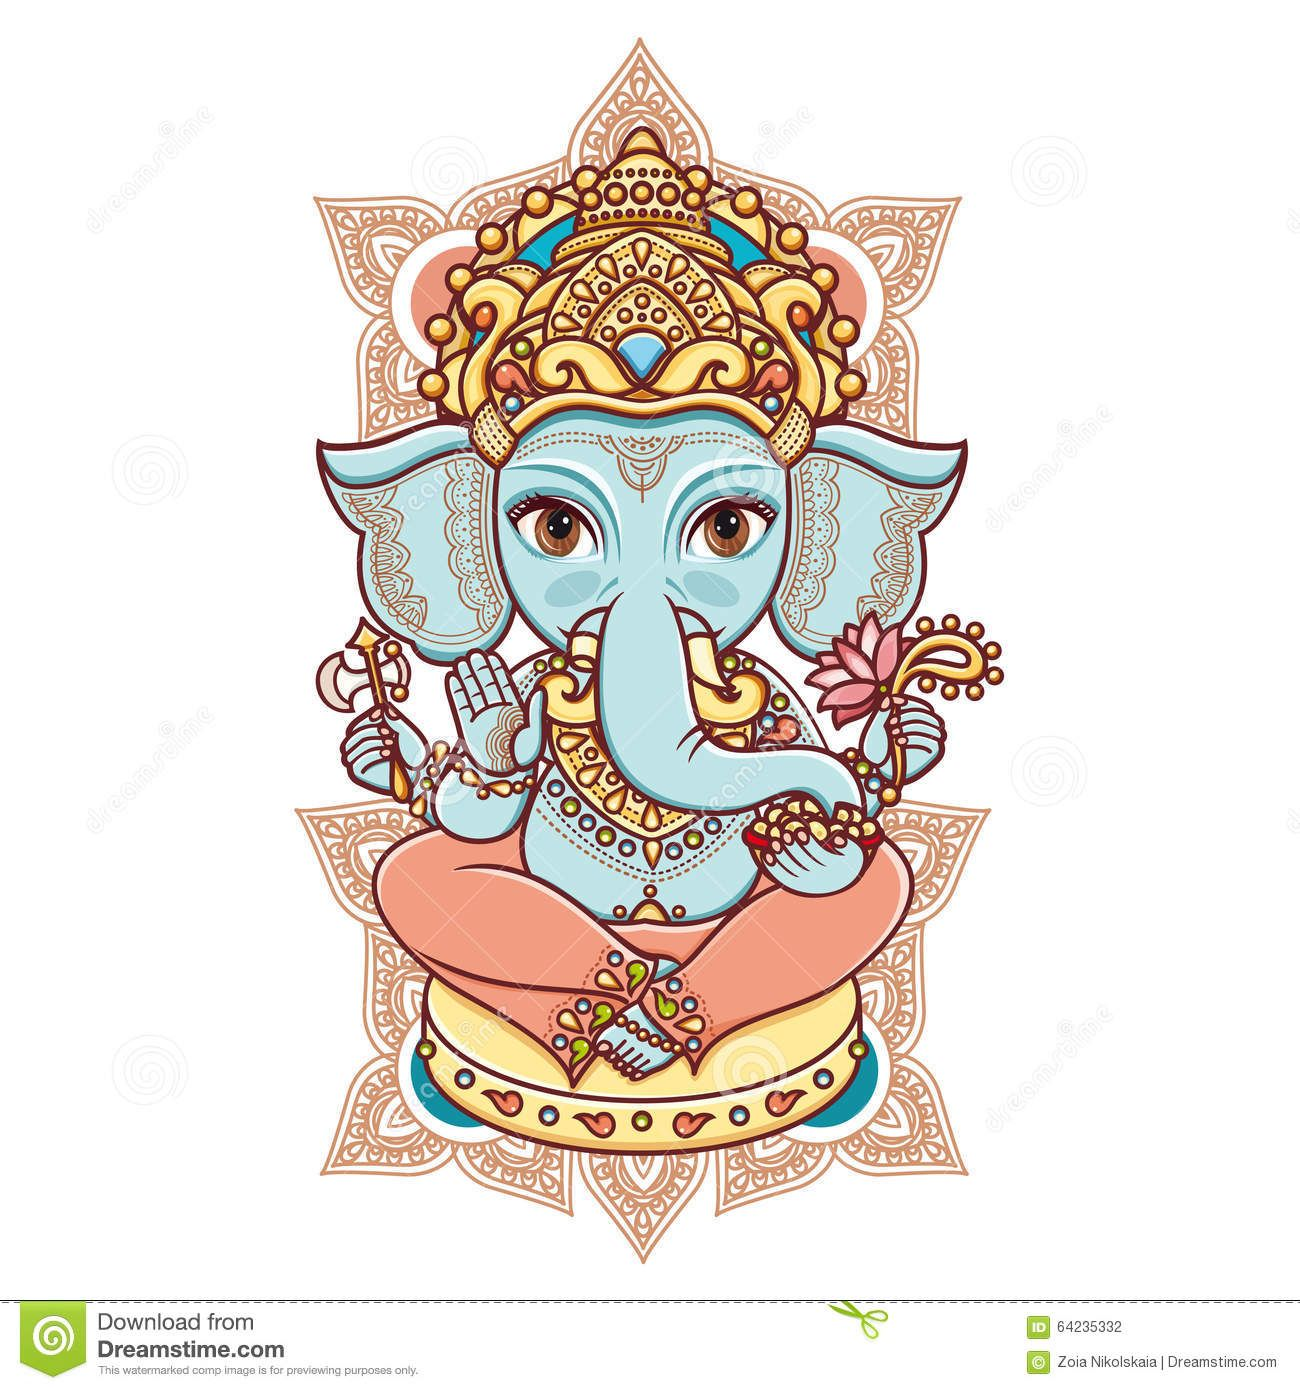 Dios Hindu Lord Ganesh De La Cabeza Del Elefante Descarga De Over 49 Millones De Fotos De Alta Calidad E Ima Cabeza De Elefante Elefante Hindu Dioses Hindues